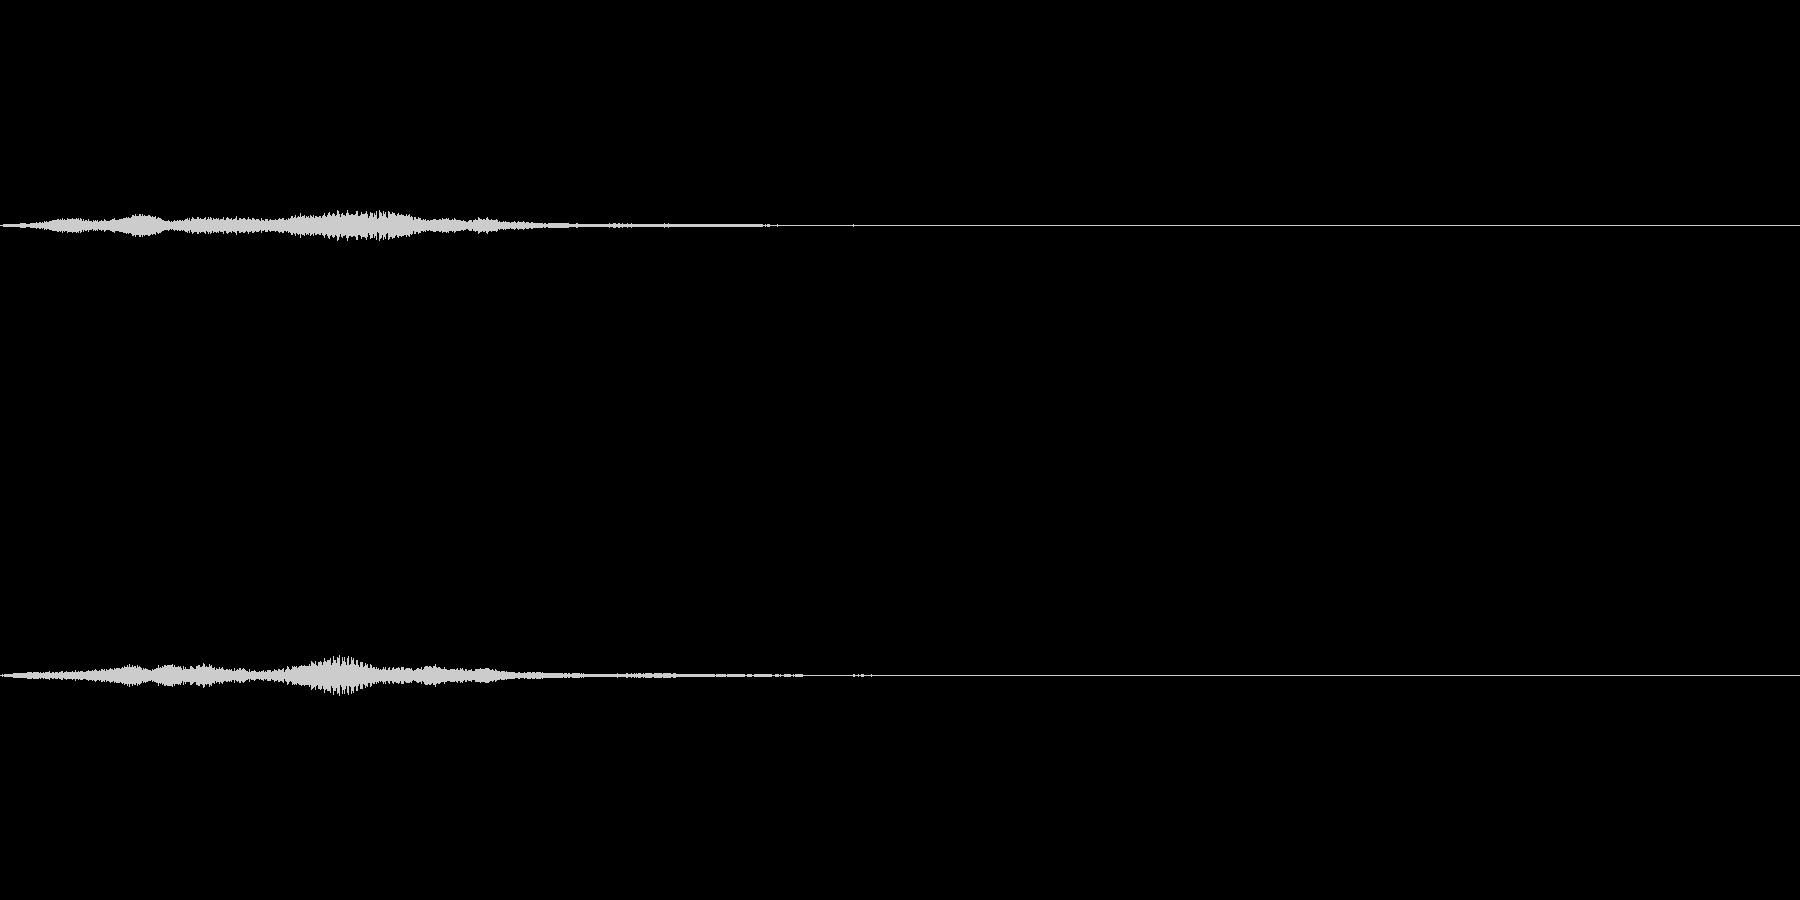 キラキラ系 魔法 ジングルの未再生の波形